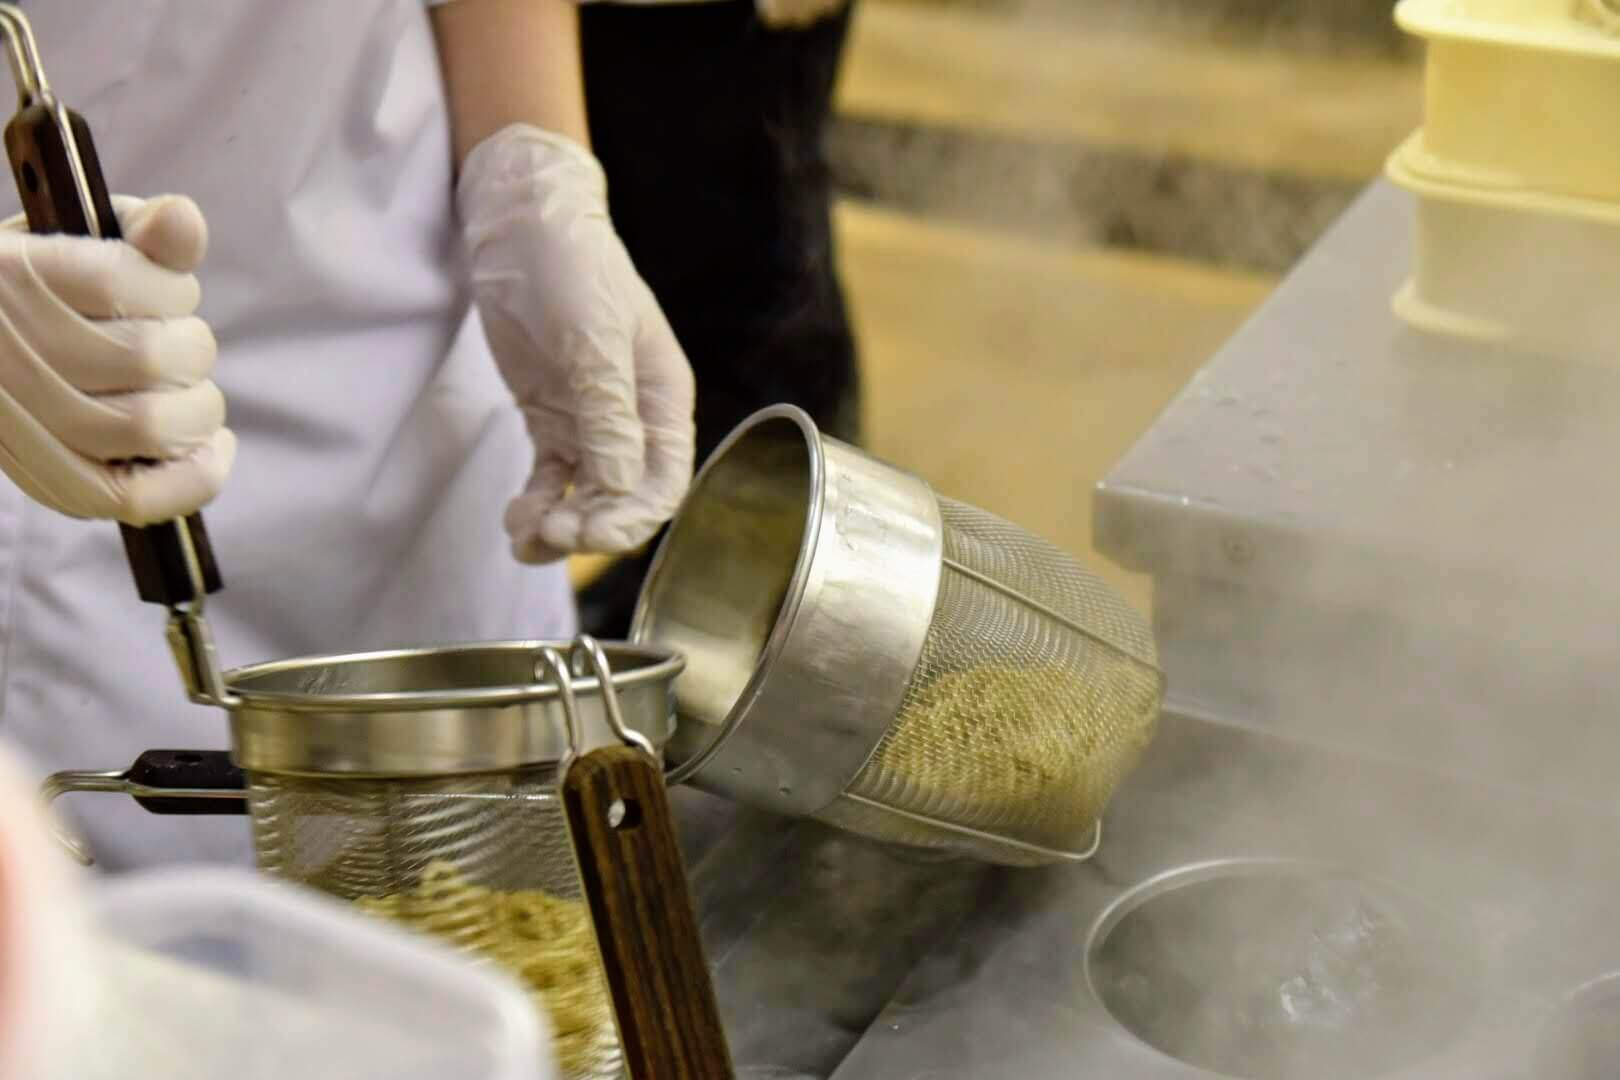 麺の茹で切りをするシーン